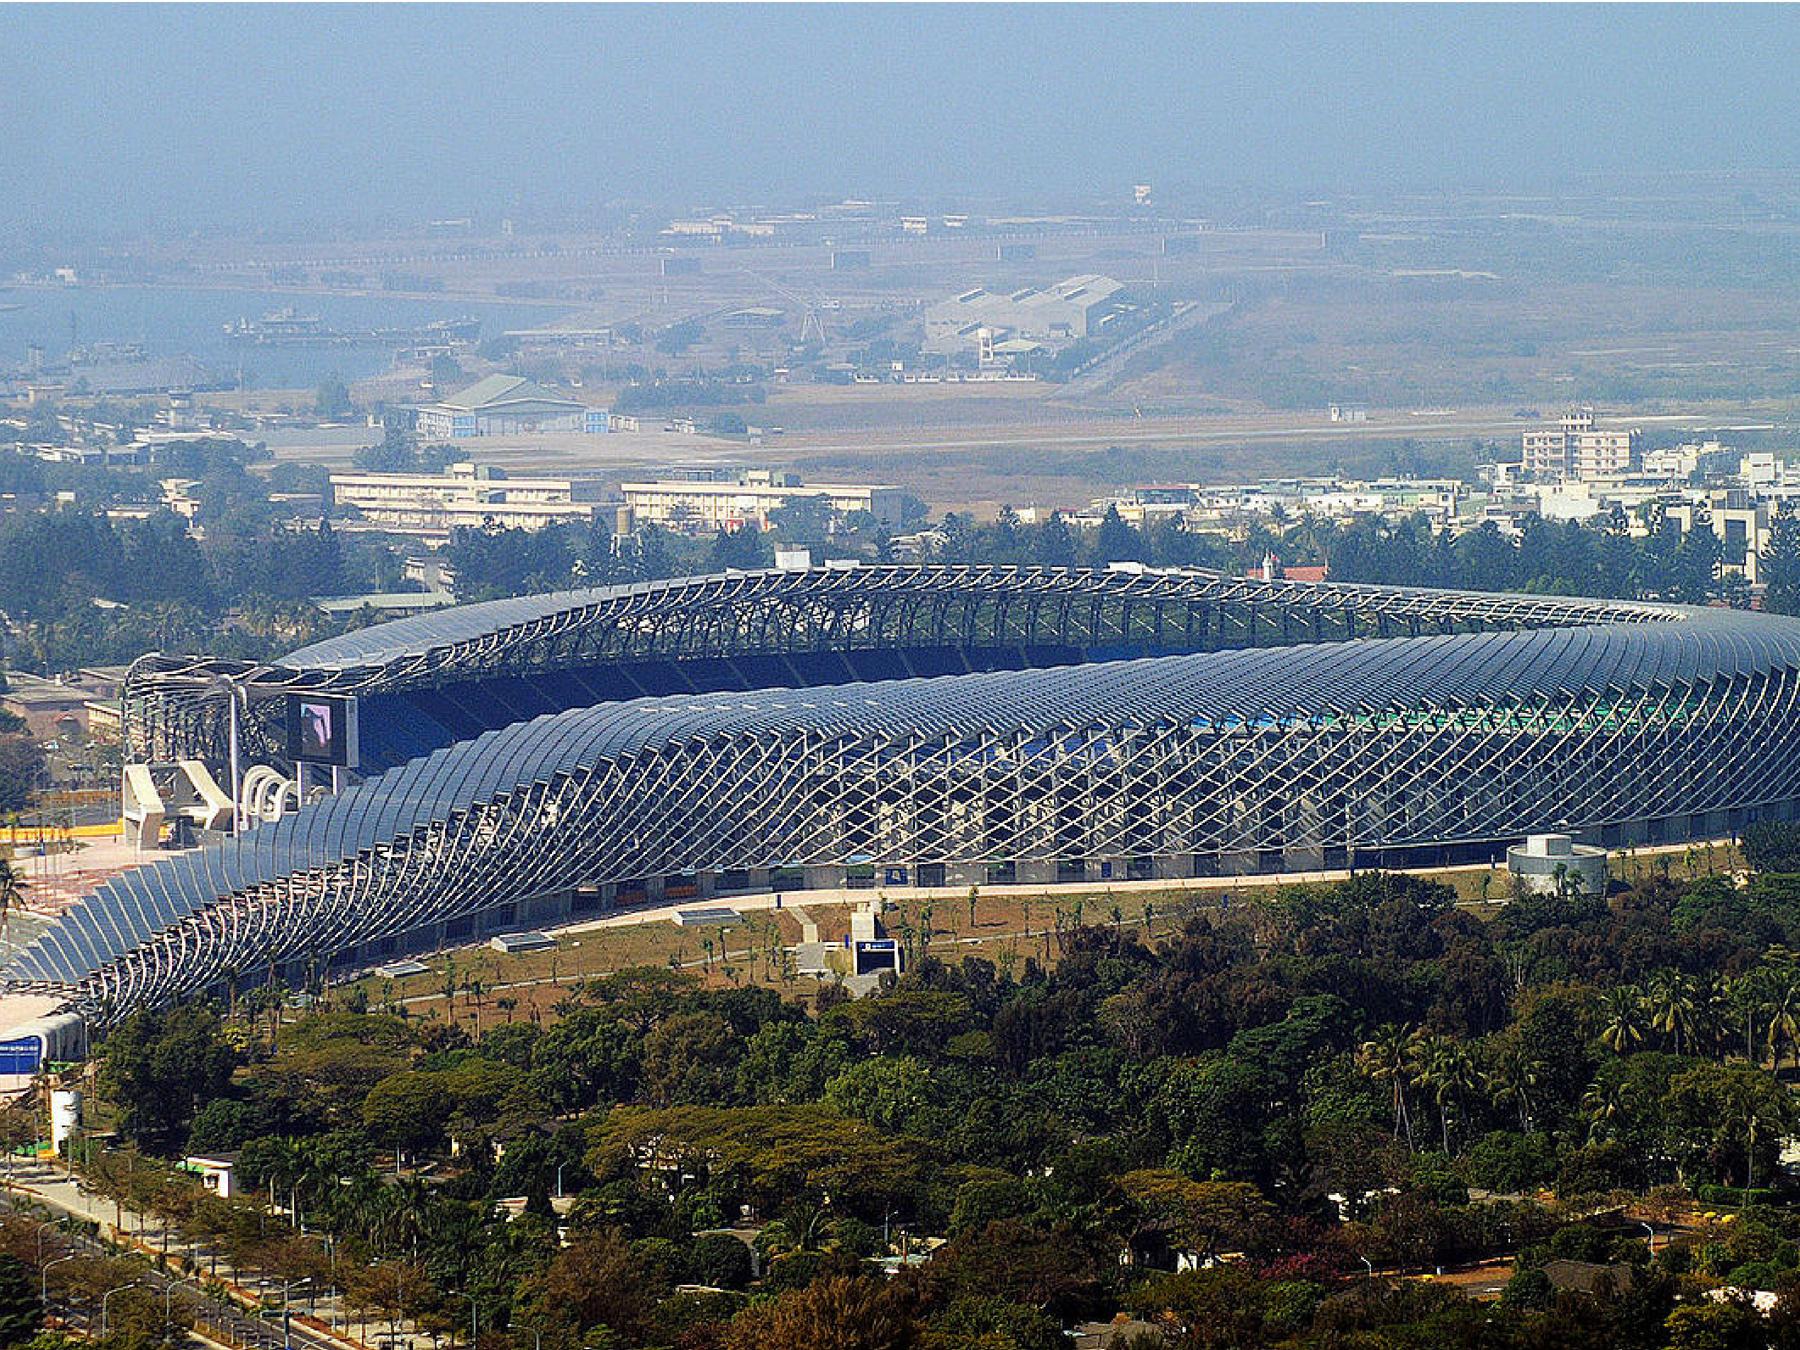 estádios-mais-legais-do-mundo-Calendário-da-copa-taiwan Os 20 estádios mais legais do mundo Calendário Copa 2018